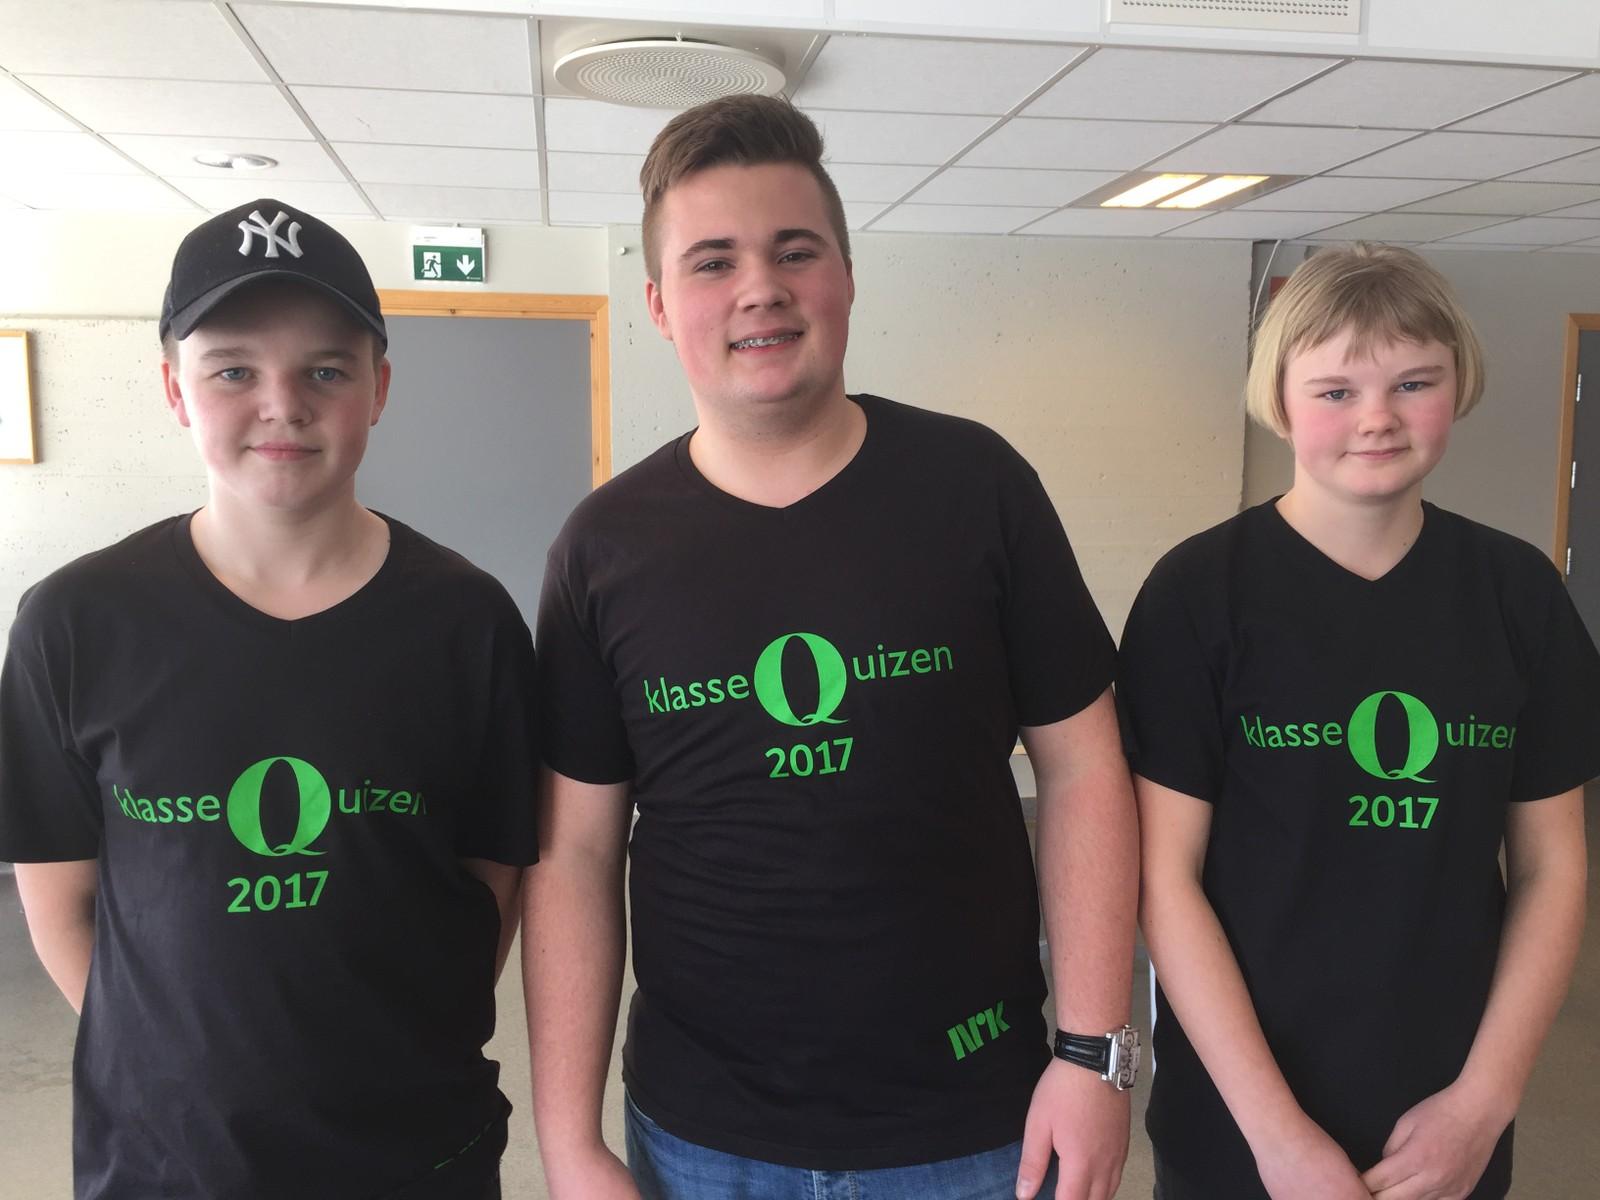 Håkon Skaugrud, Sander Vestby og Tyra Johanne Sand Snipstad fra Søndre Land ungdomsskole fikk åtte poeng.